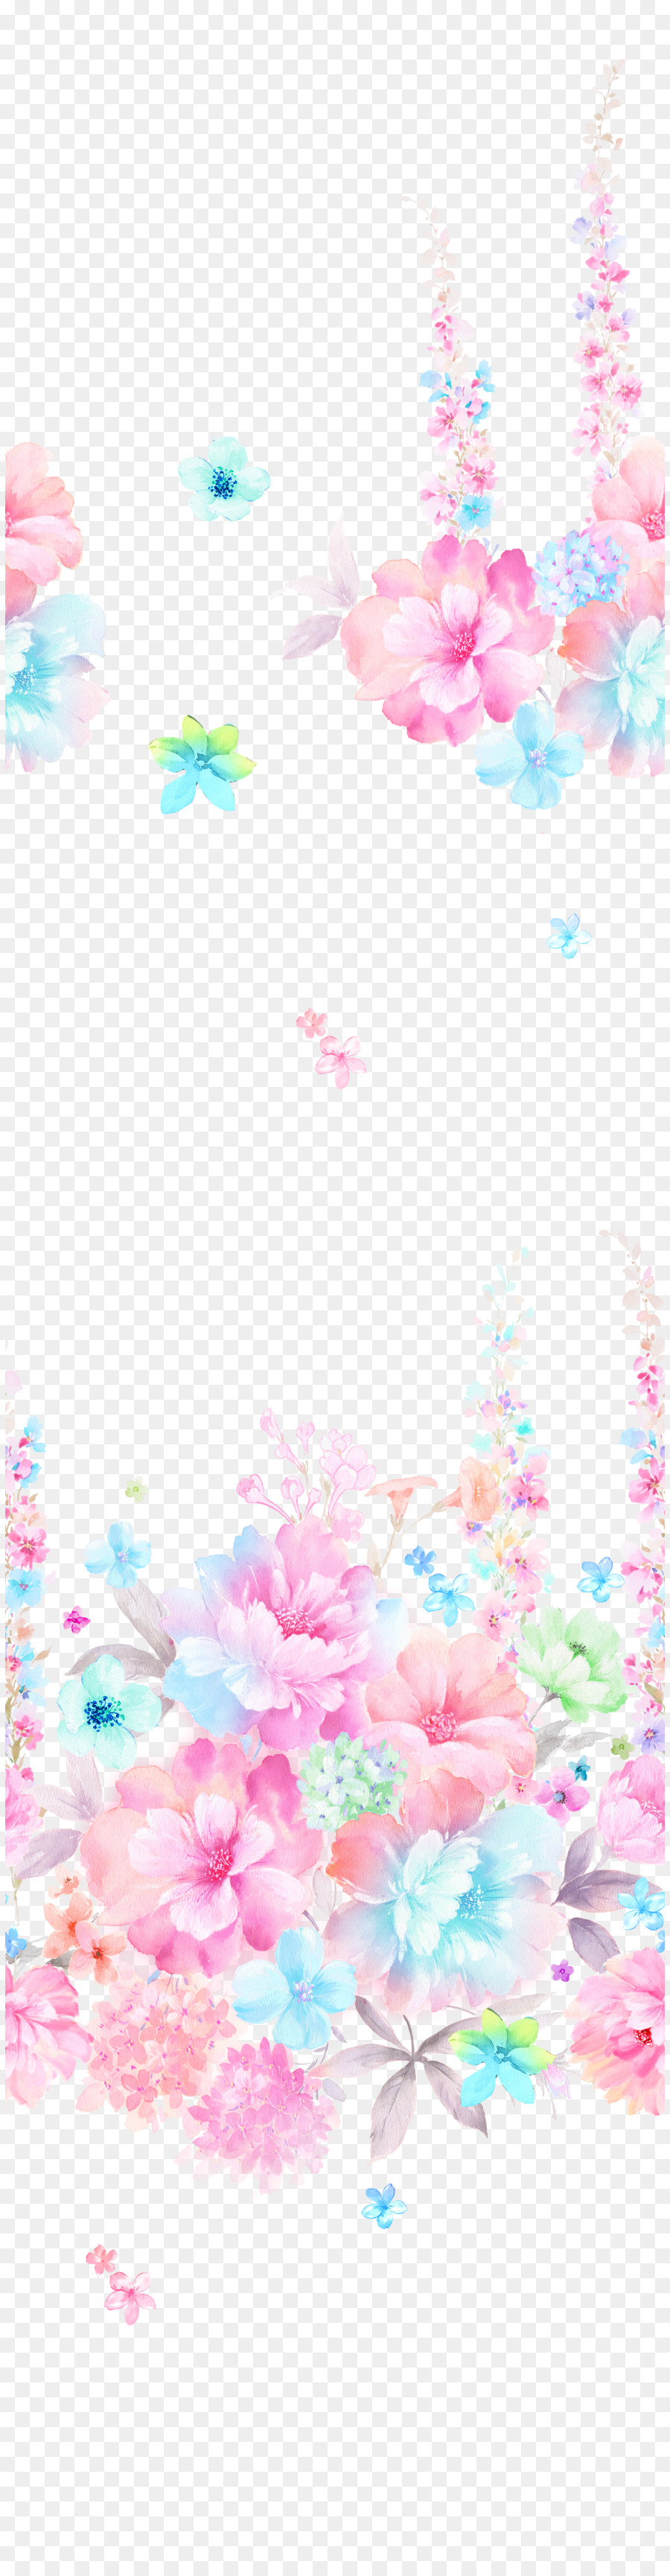 Descarga gratuita de La Pintura De Flores, Pintura A La Acuarela, Diseño Gráfico imágenes PNG